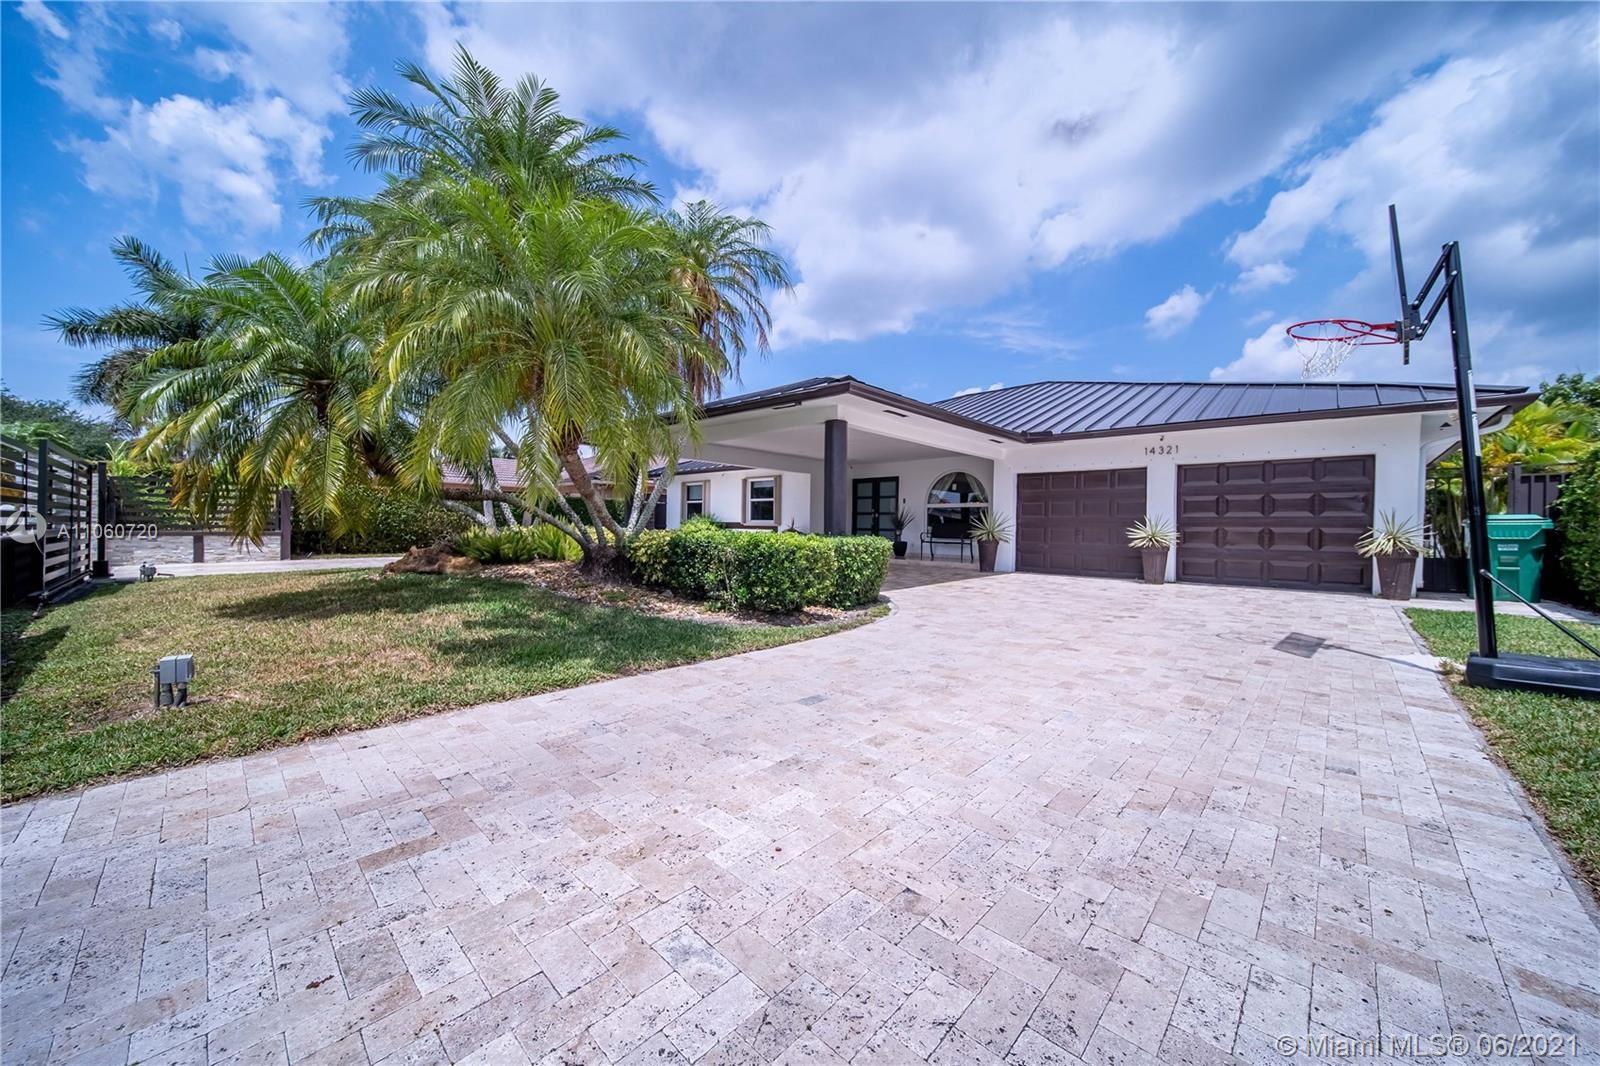 14321 SW 18 st, Miami, FL 33175 - #: A11060720